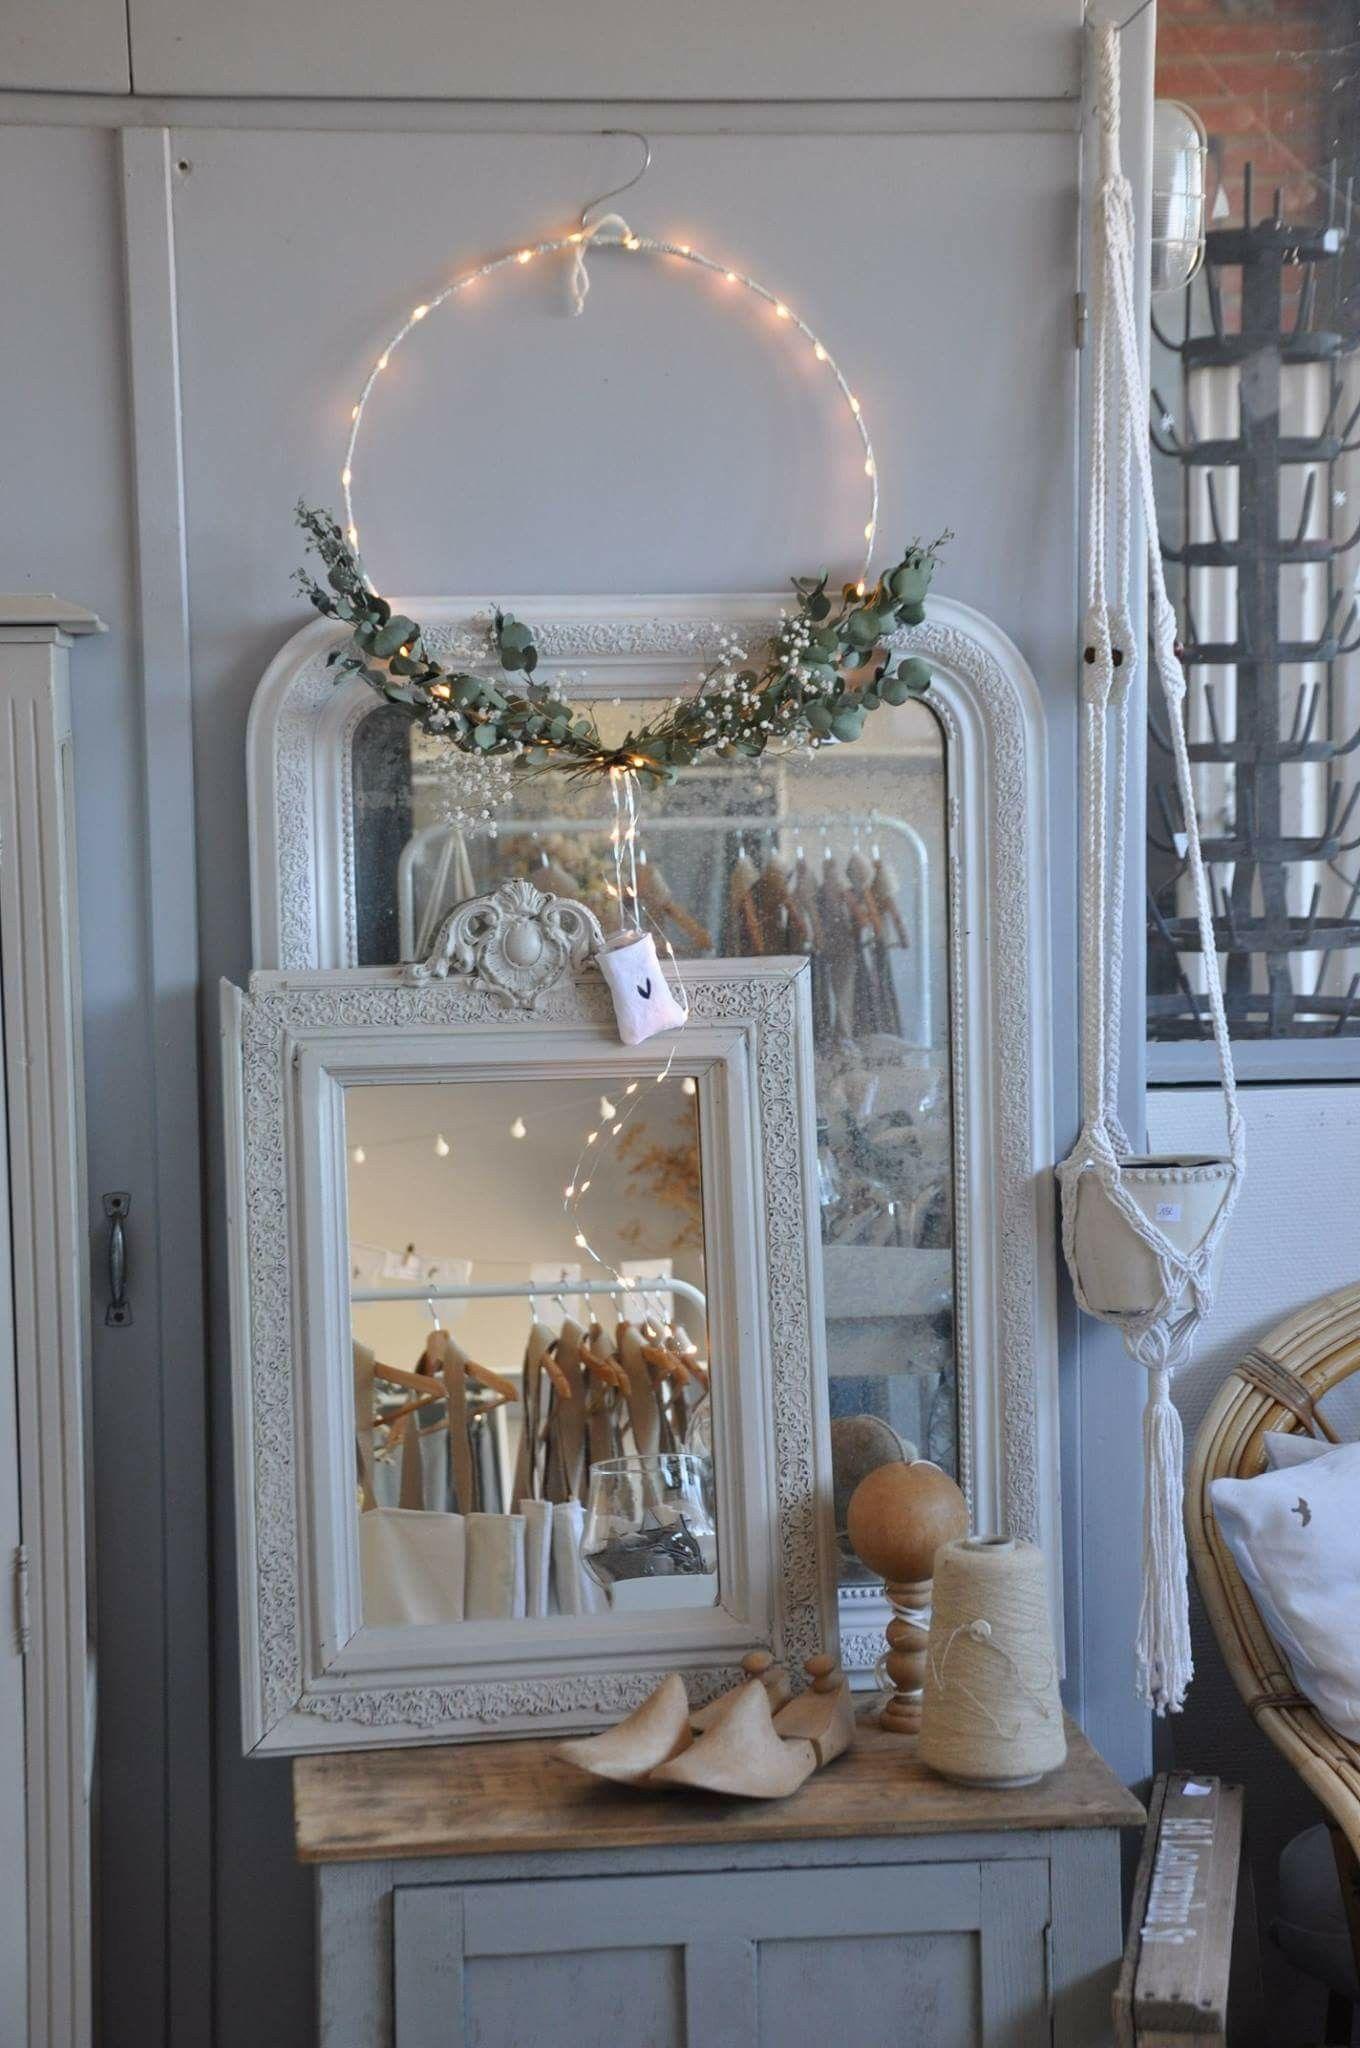 Pin von Val Zinc auf Déco charme | Pinterest | Weihnachten ostern ...